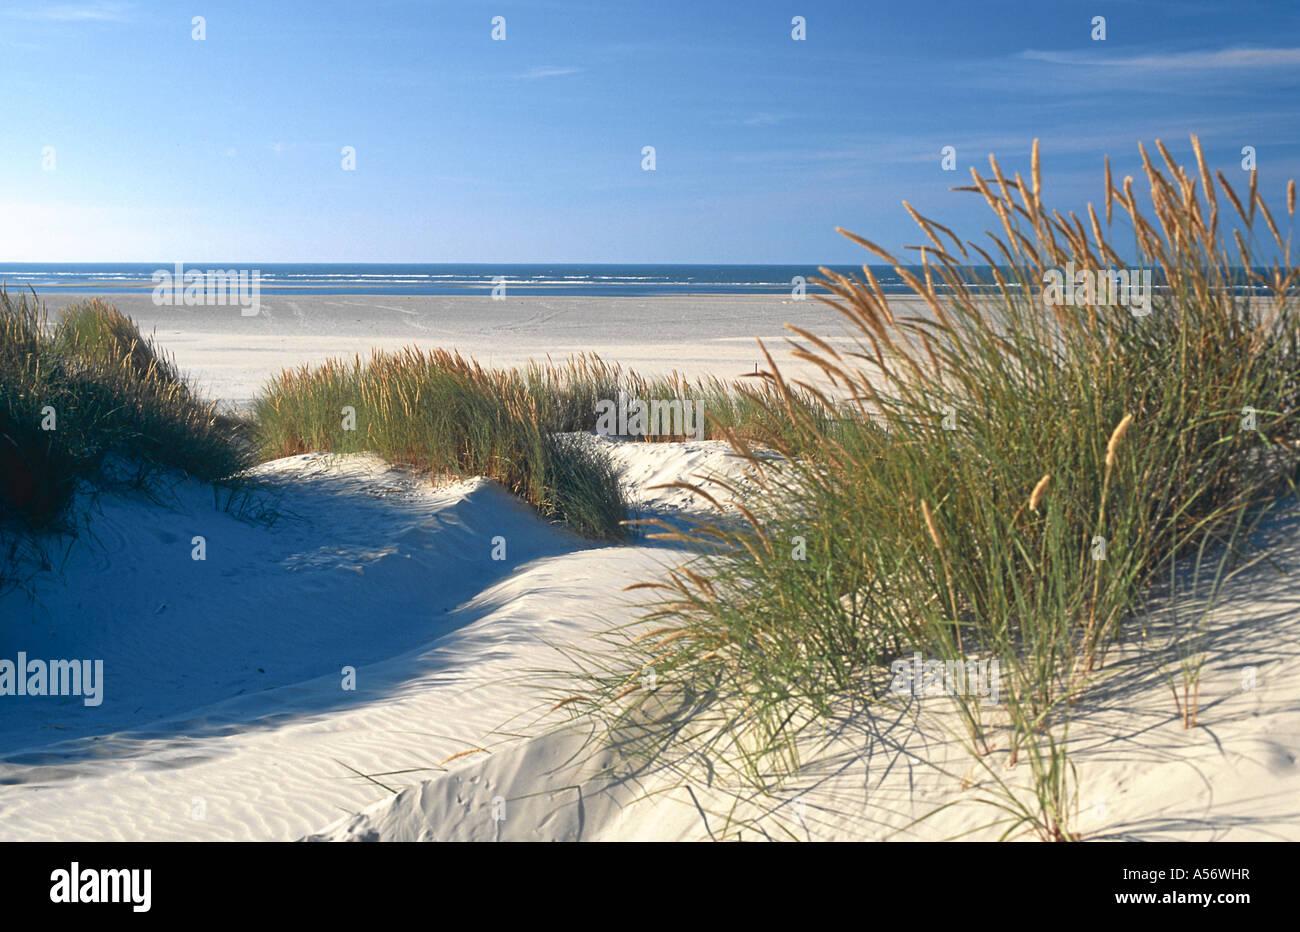 Duenen Strand Baltrum Ostfriesland Nordsee Niedersachsen Deutschland North Sea Germany - Stock Image